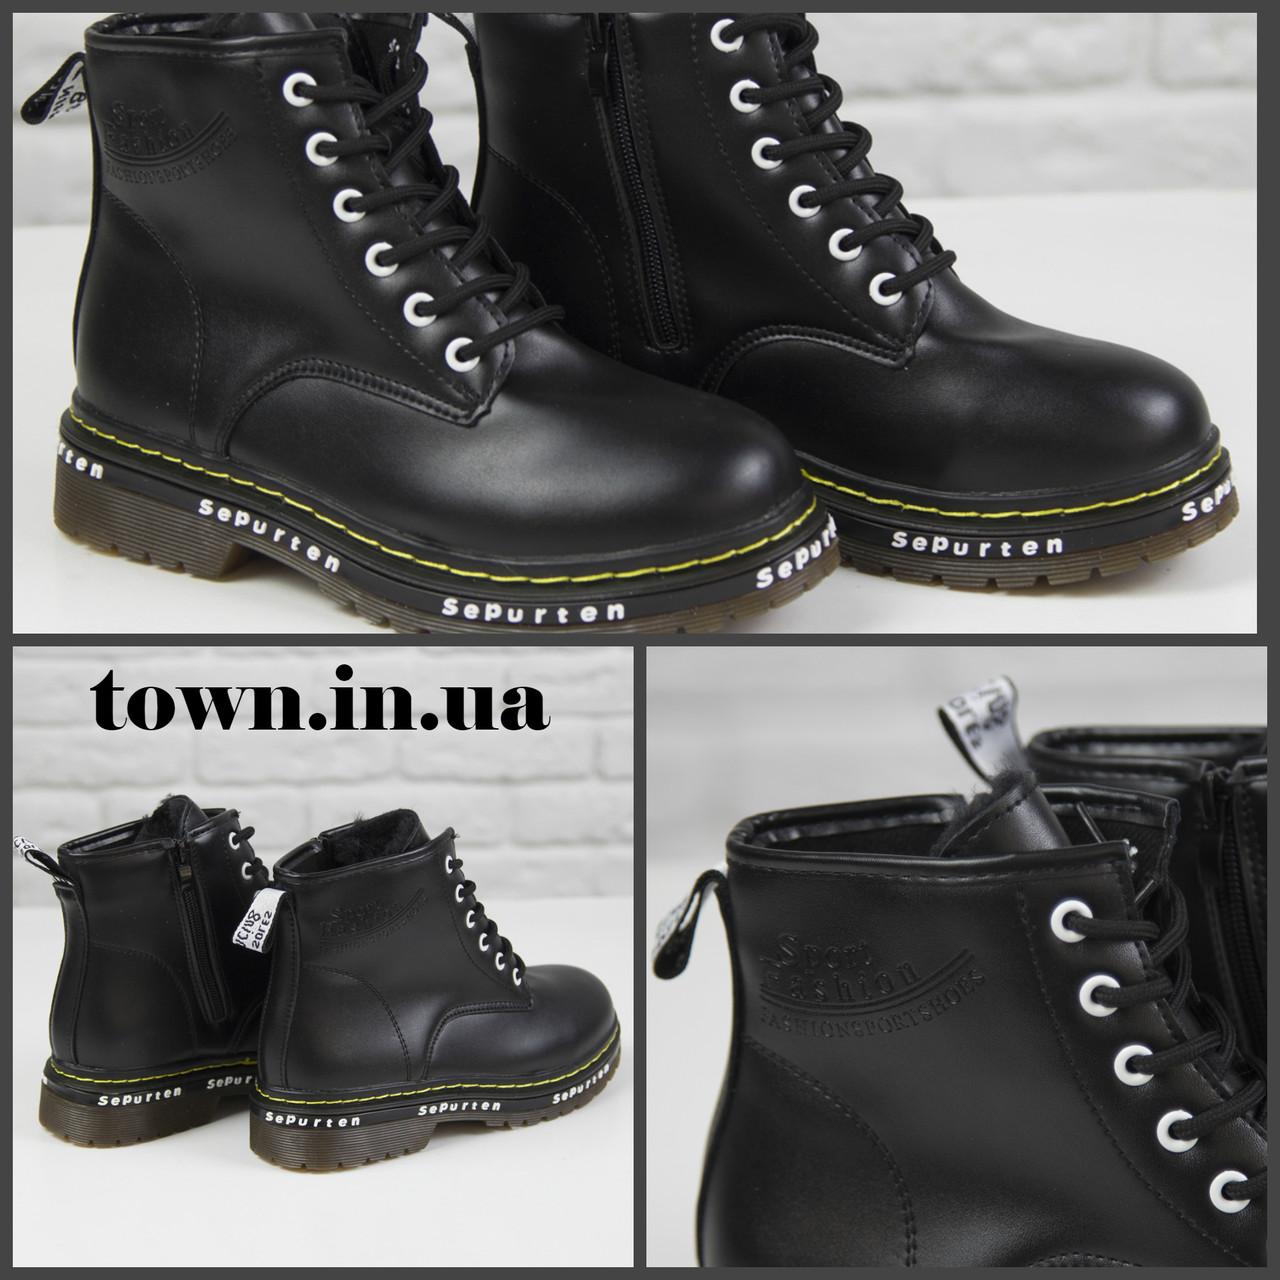 Жіночі зимові черевики на масивній підошві Loretta Y204 black чорні на шнурівці ,на осінь-зиму. 36 - 41 р.